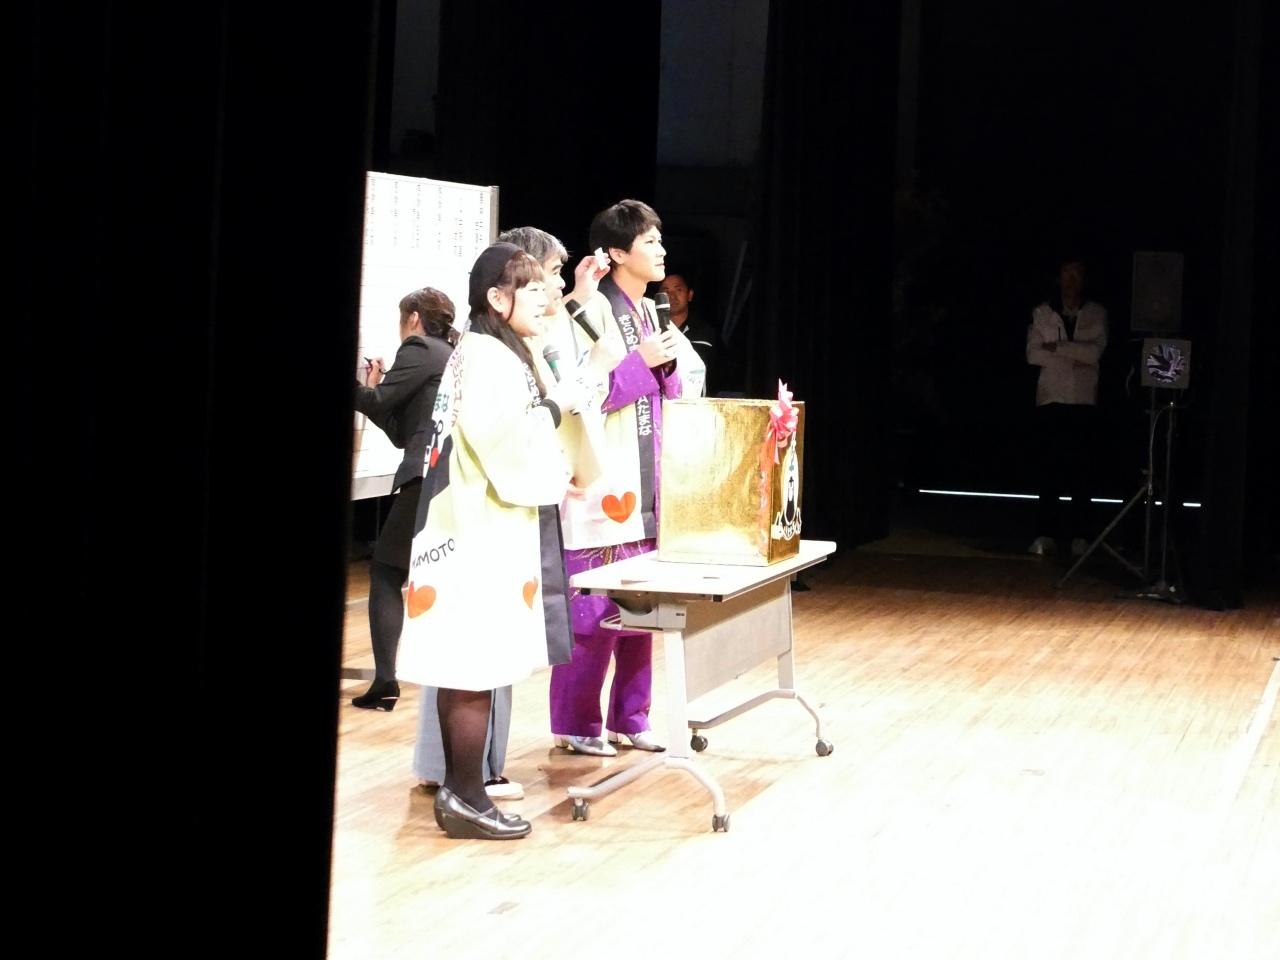 くまモンのハッピを着こなす芸能人!熊本県玉名市にお邪魔しました。